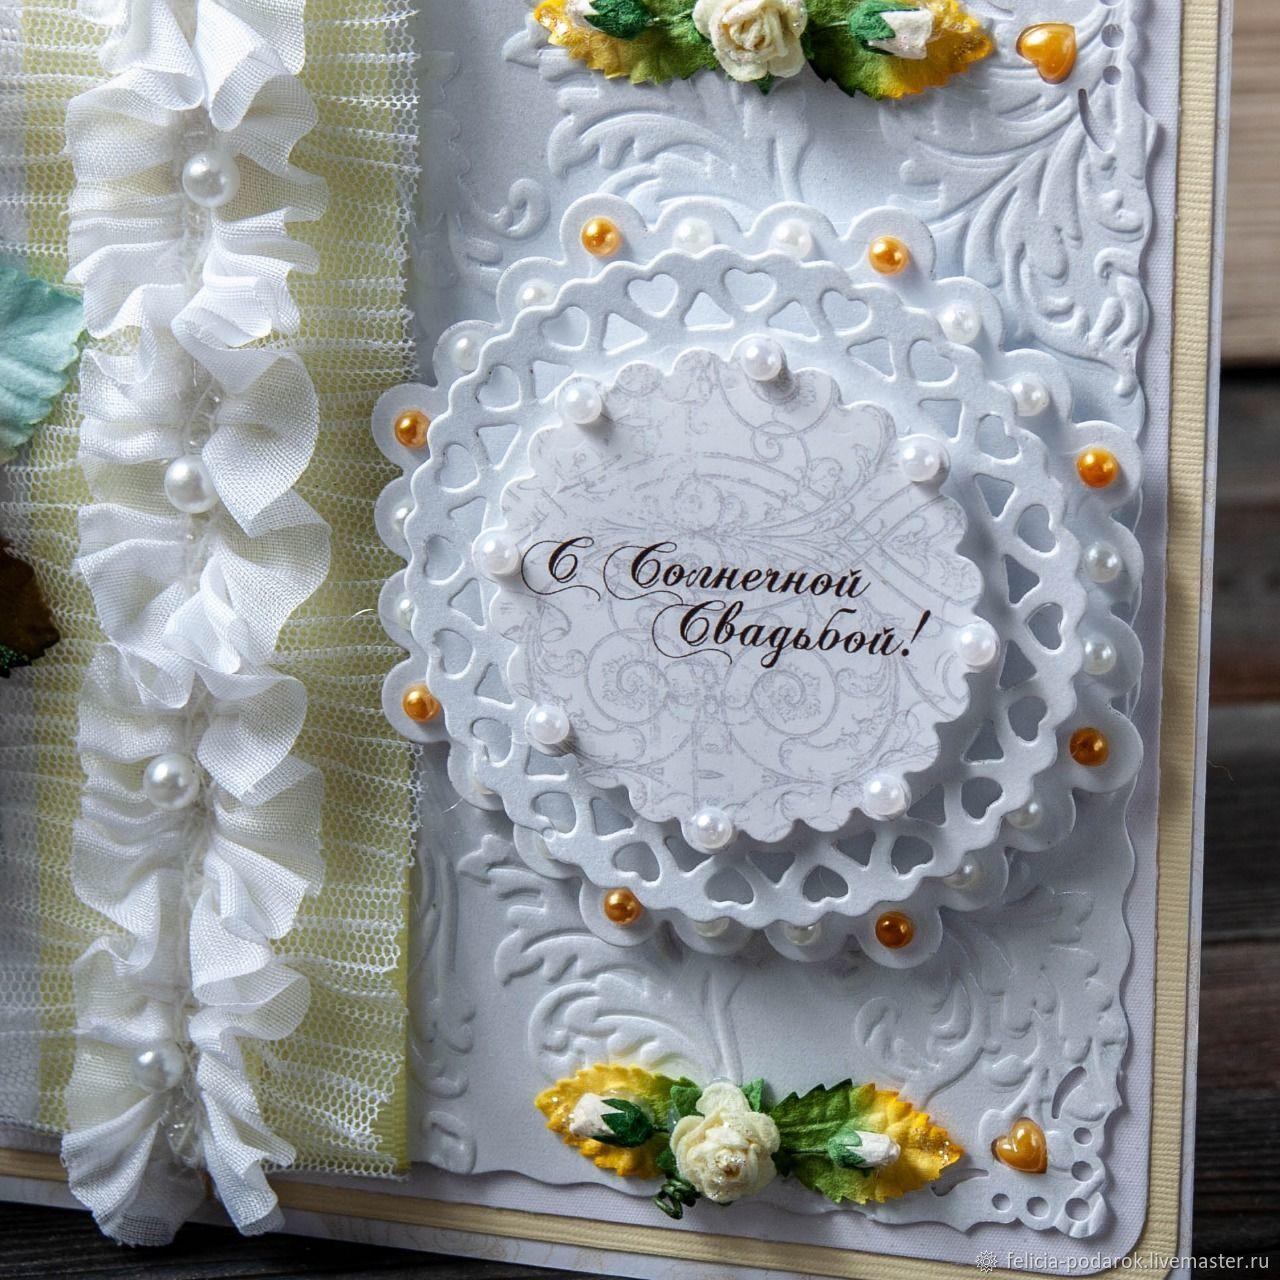 Поздравления со смуглой свадьбой 31 год картинки тиханович популярная